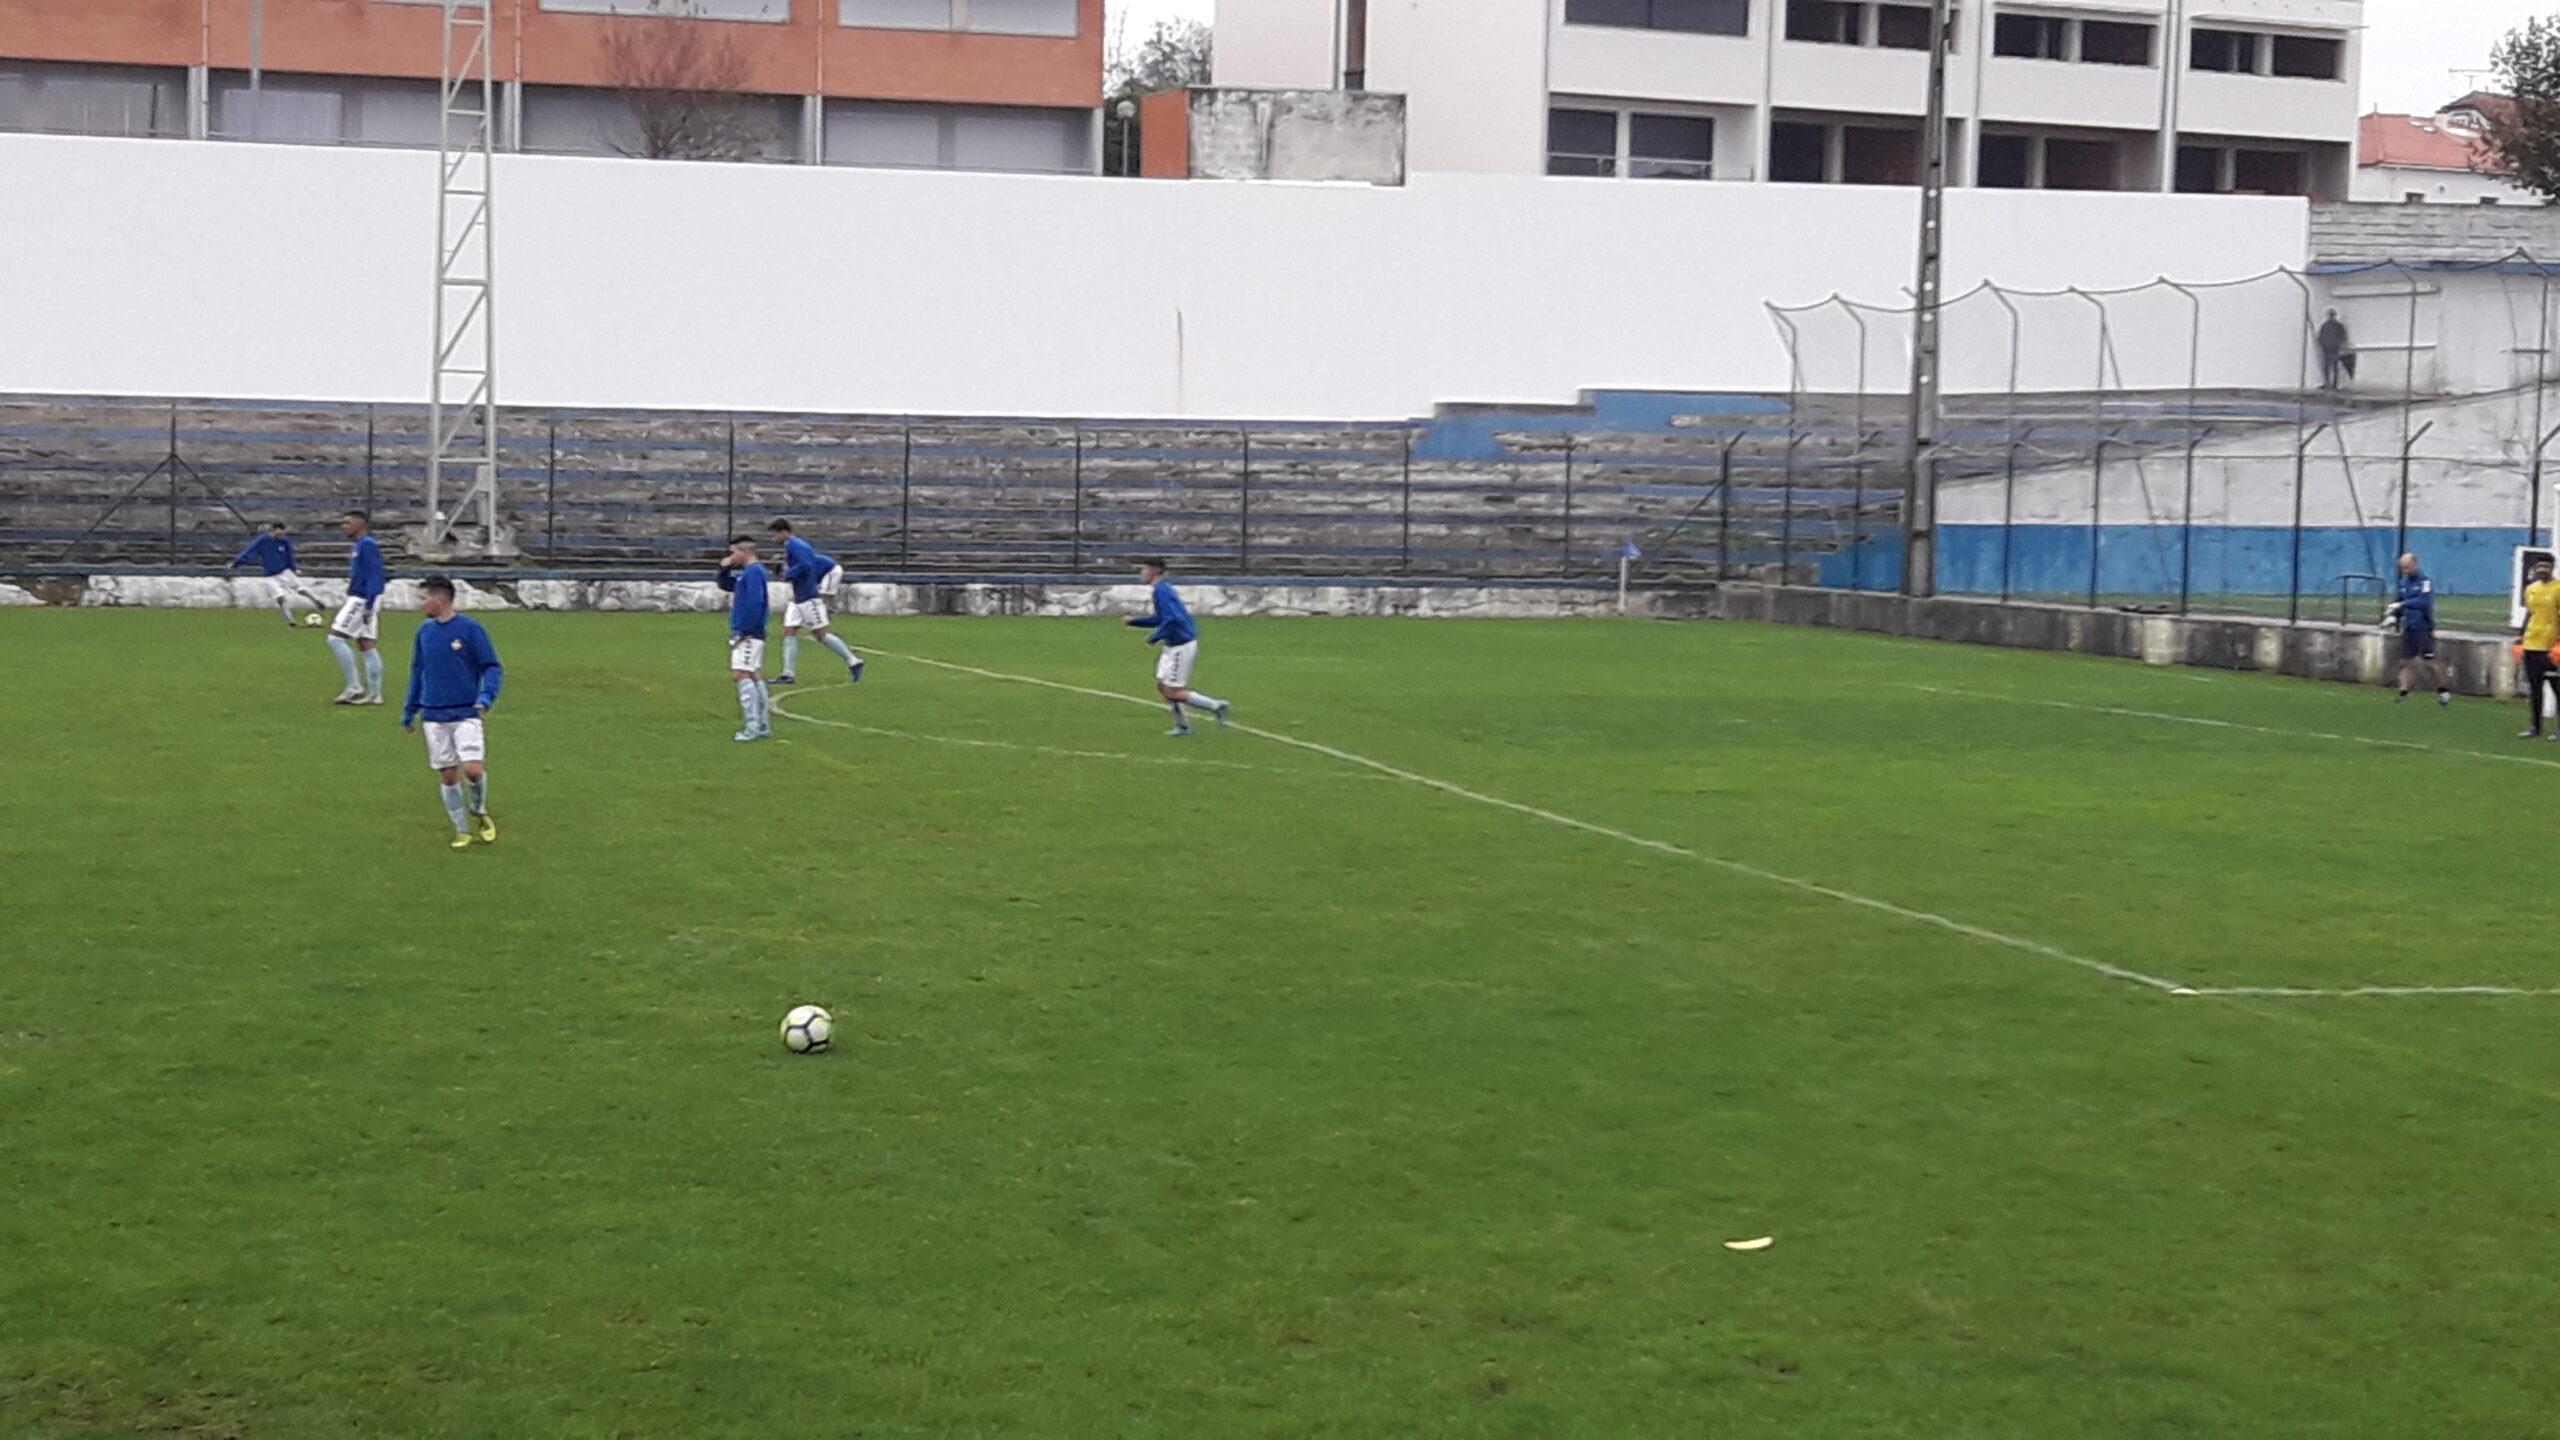 Futebol distrital: Vianense vence Neves e segue na perseguição ao líder Limianos